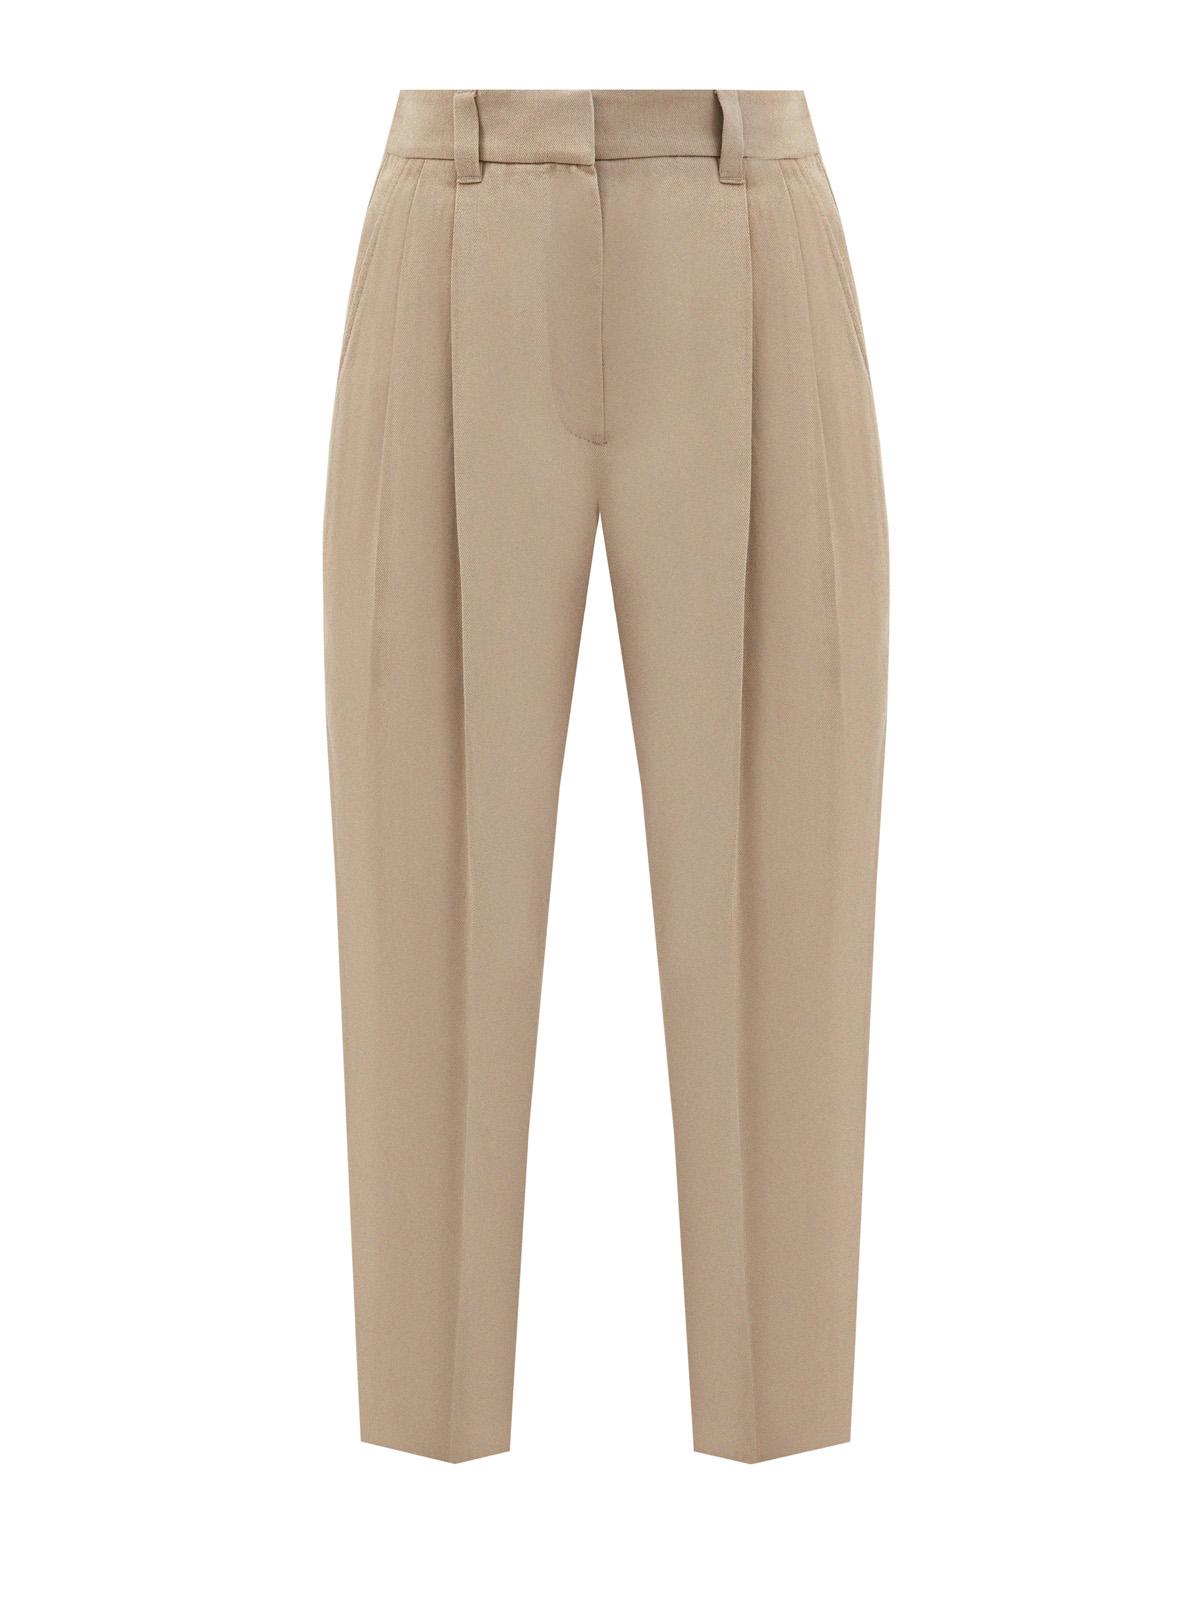 Высокие брюки Tailored с заложенными складками